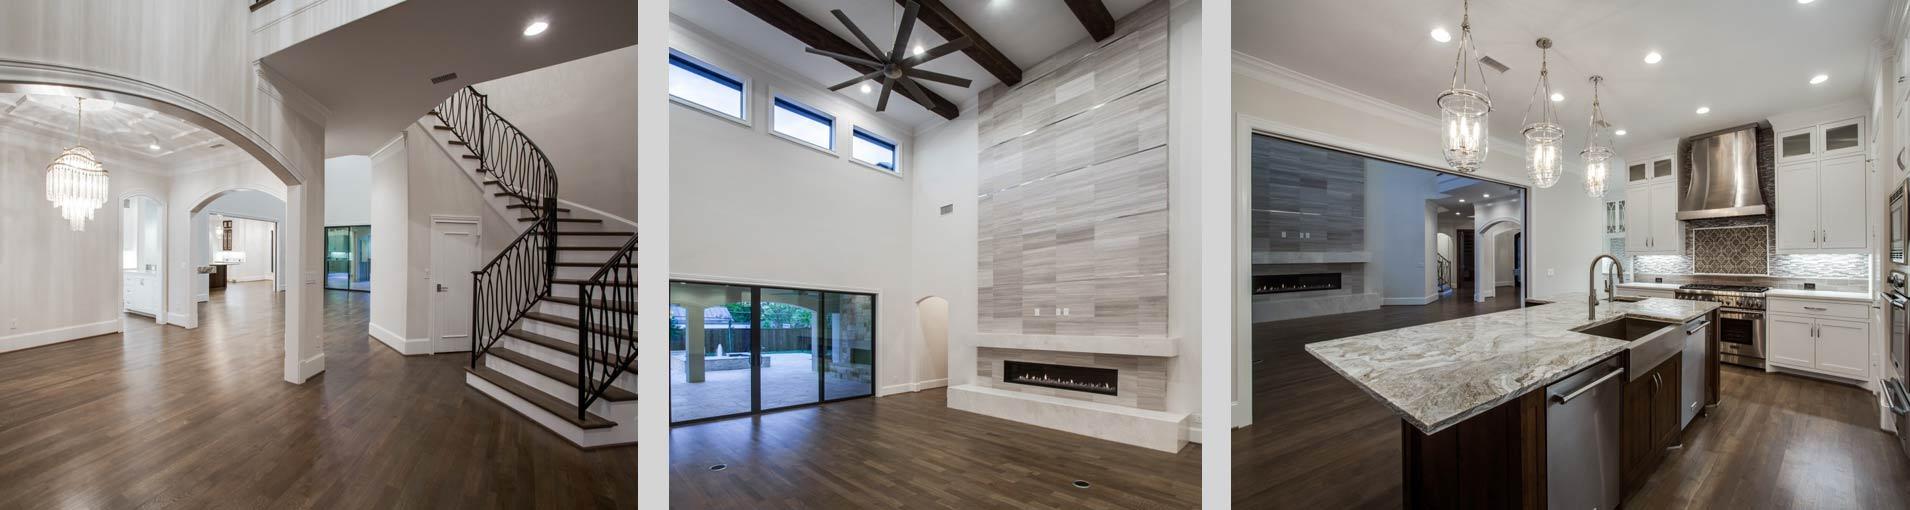 Custom Home Builder Desco Fine Homes